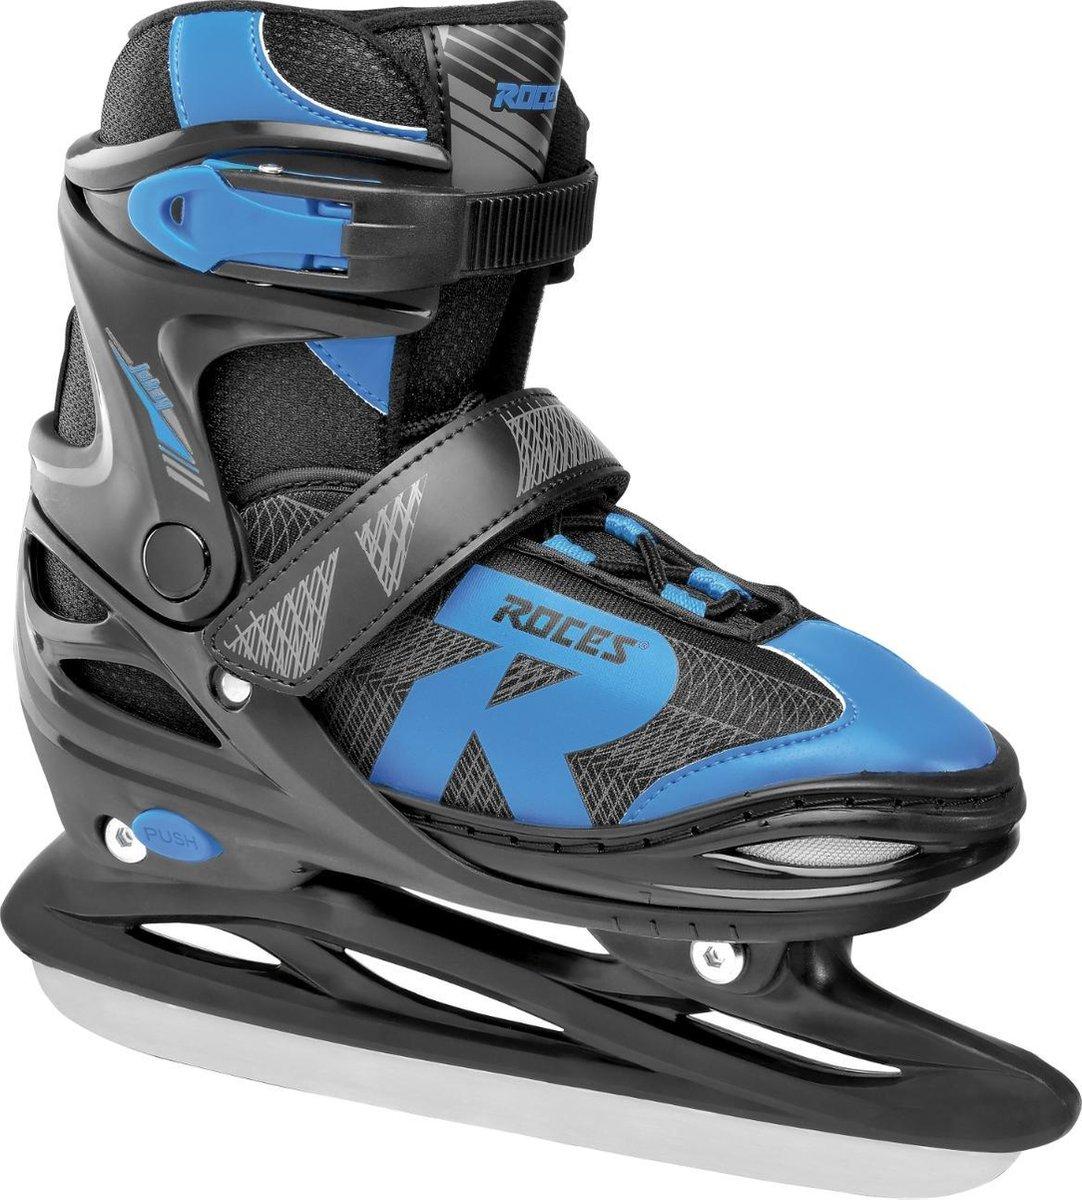 ROCES IJshockeyschaatsen verstelbaar JOKEY ICE 2.0 BOY Zwart/Blauw 34-37